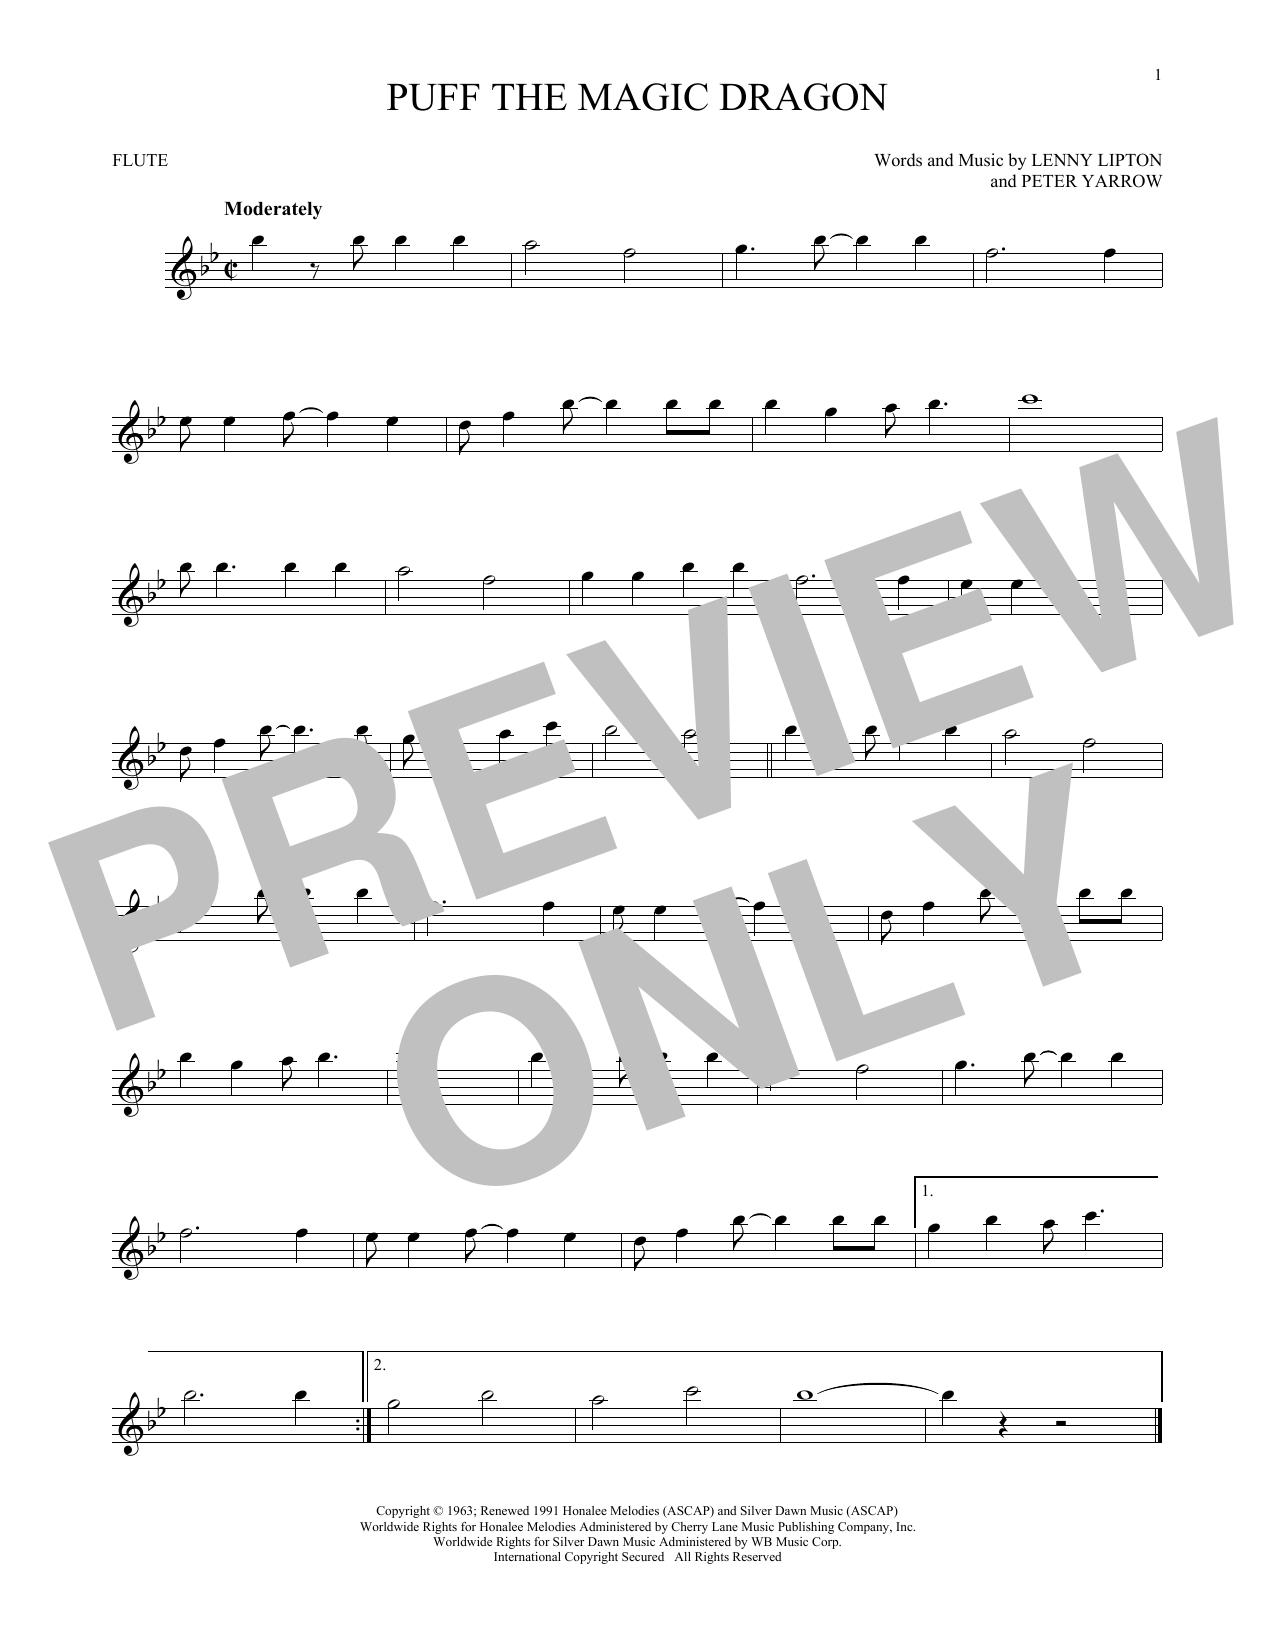 Partition flûte Puff The Magic Dragon de Peter, Paul & Mary - Flute traversiere